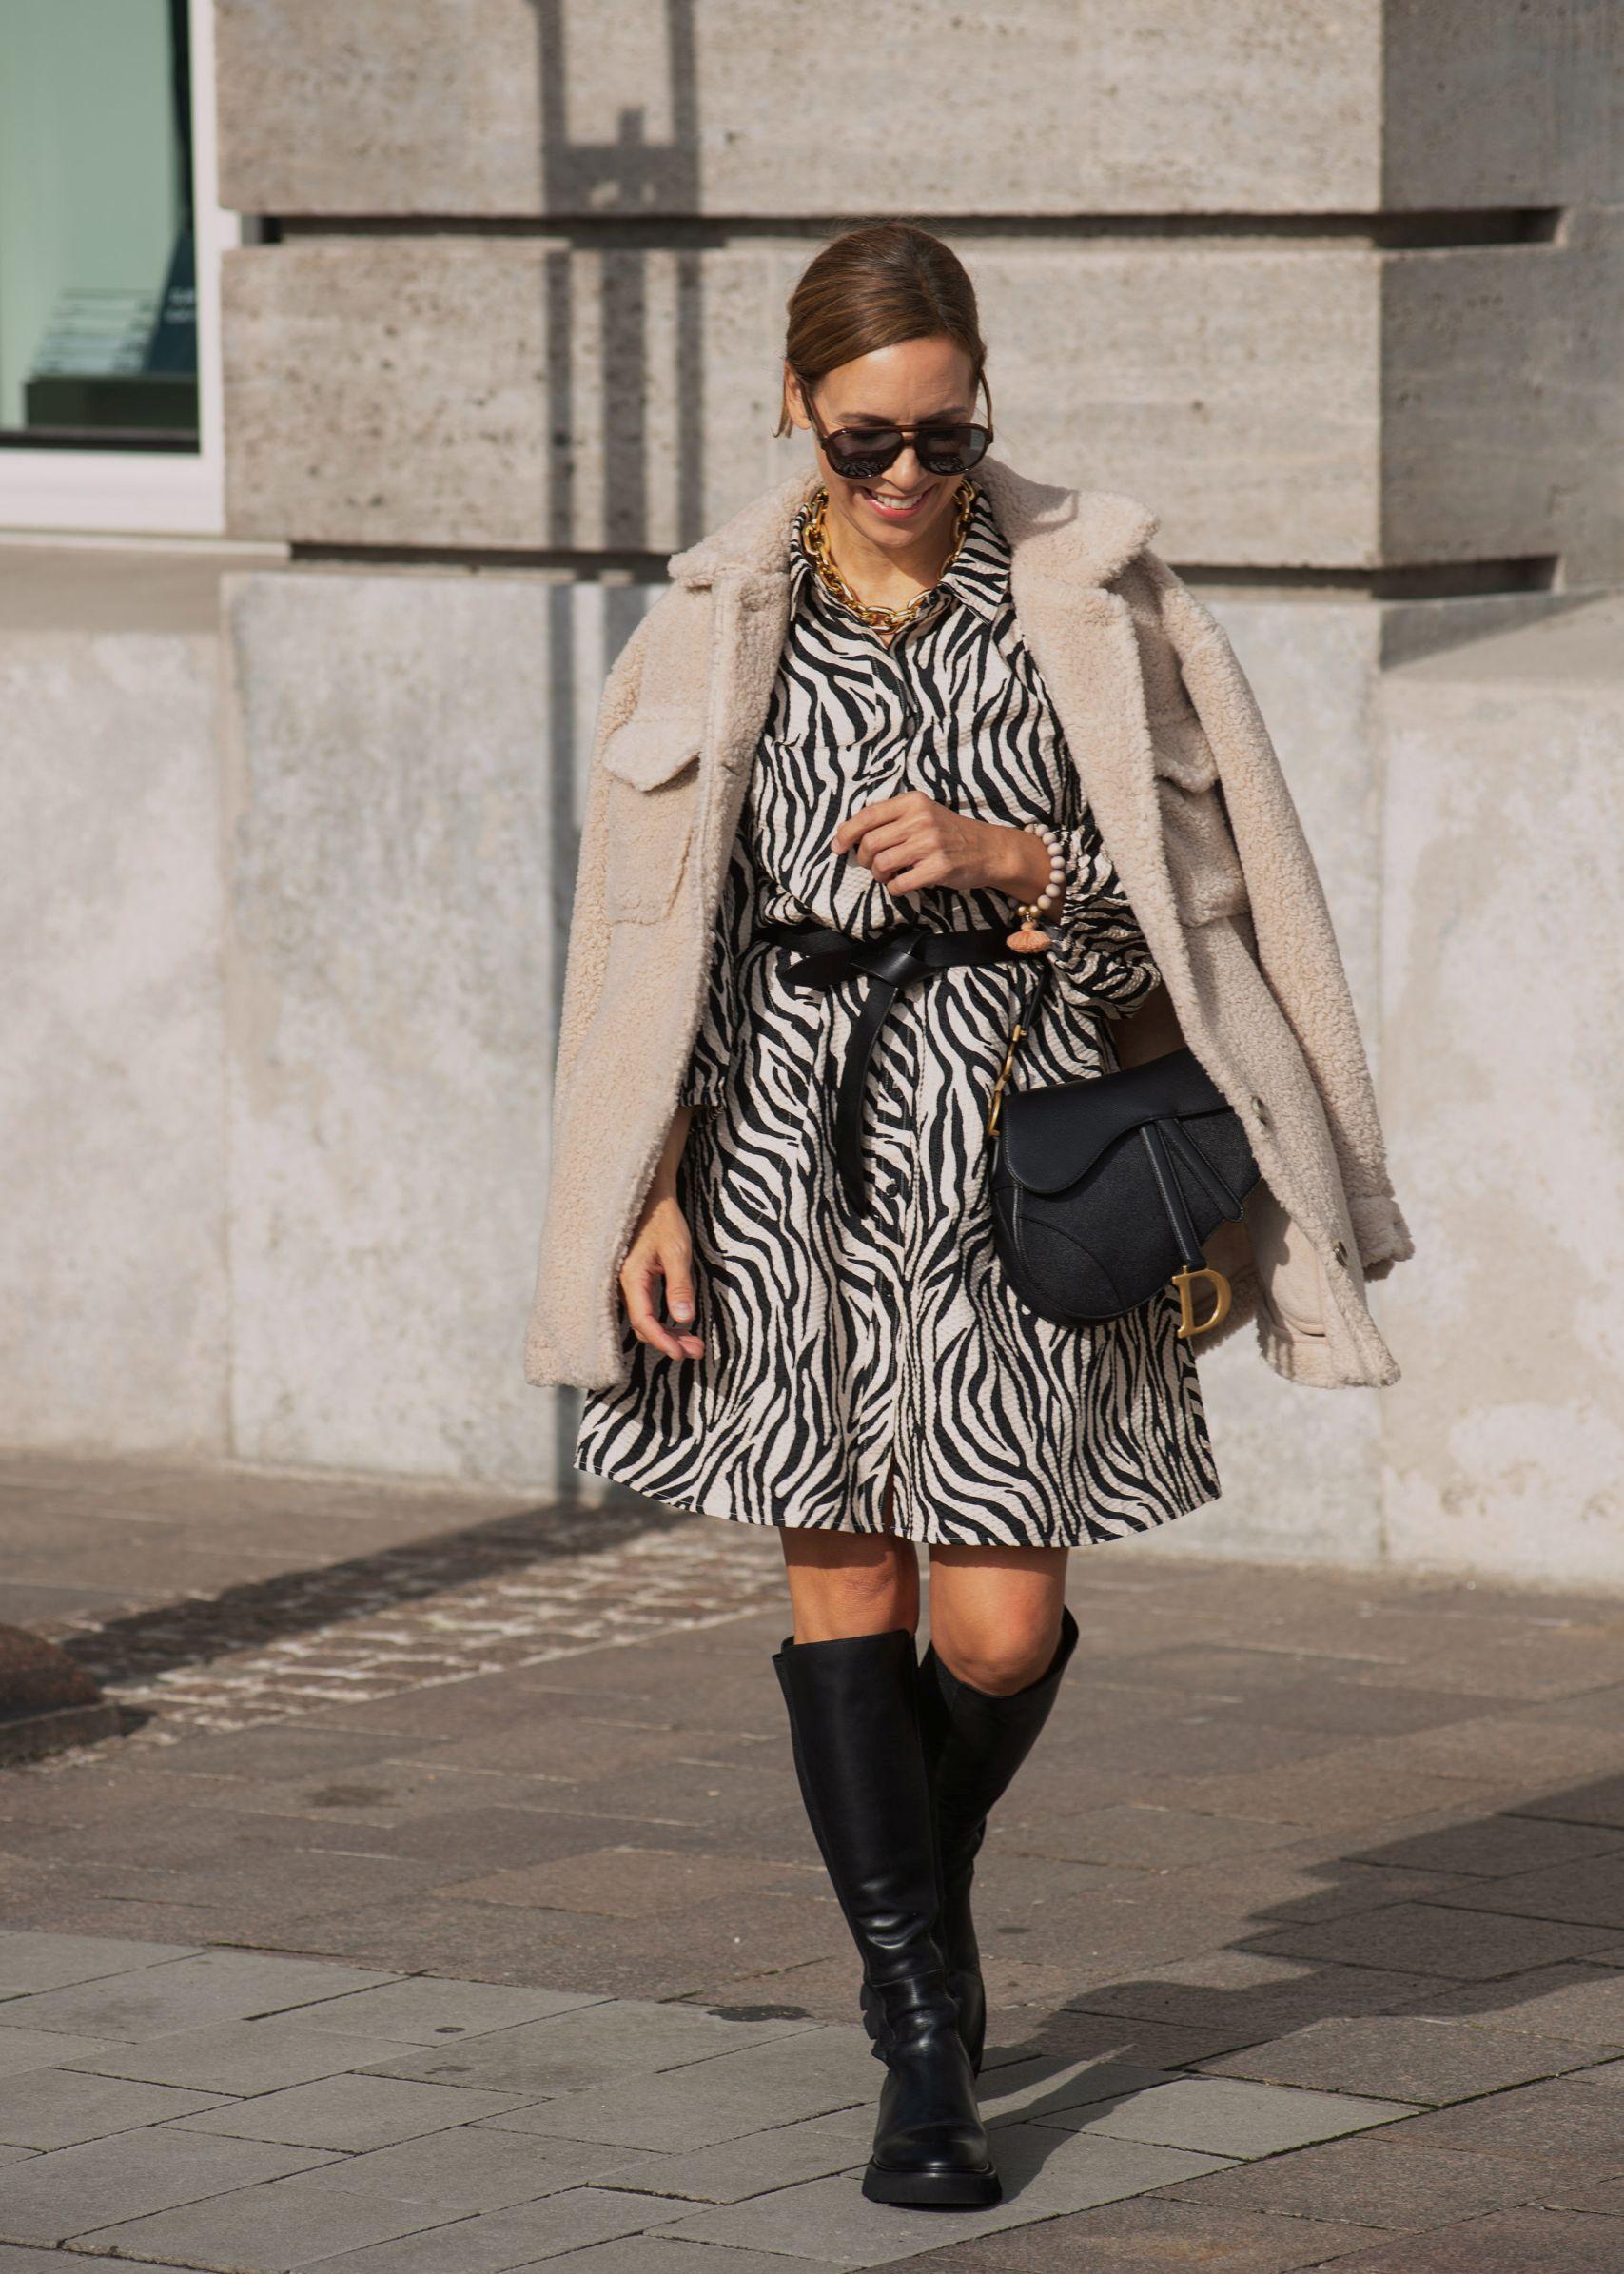 Raffaele Riccardi Stiefel zum Zebra Kleid mit Dior Saddle Tasche